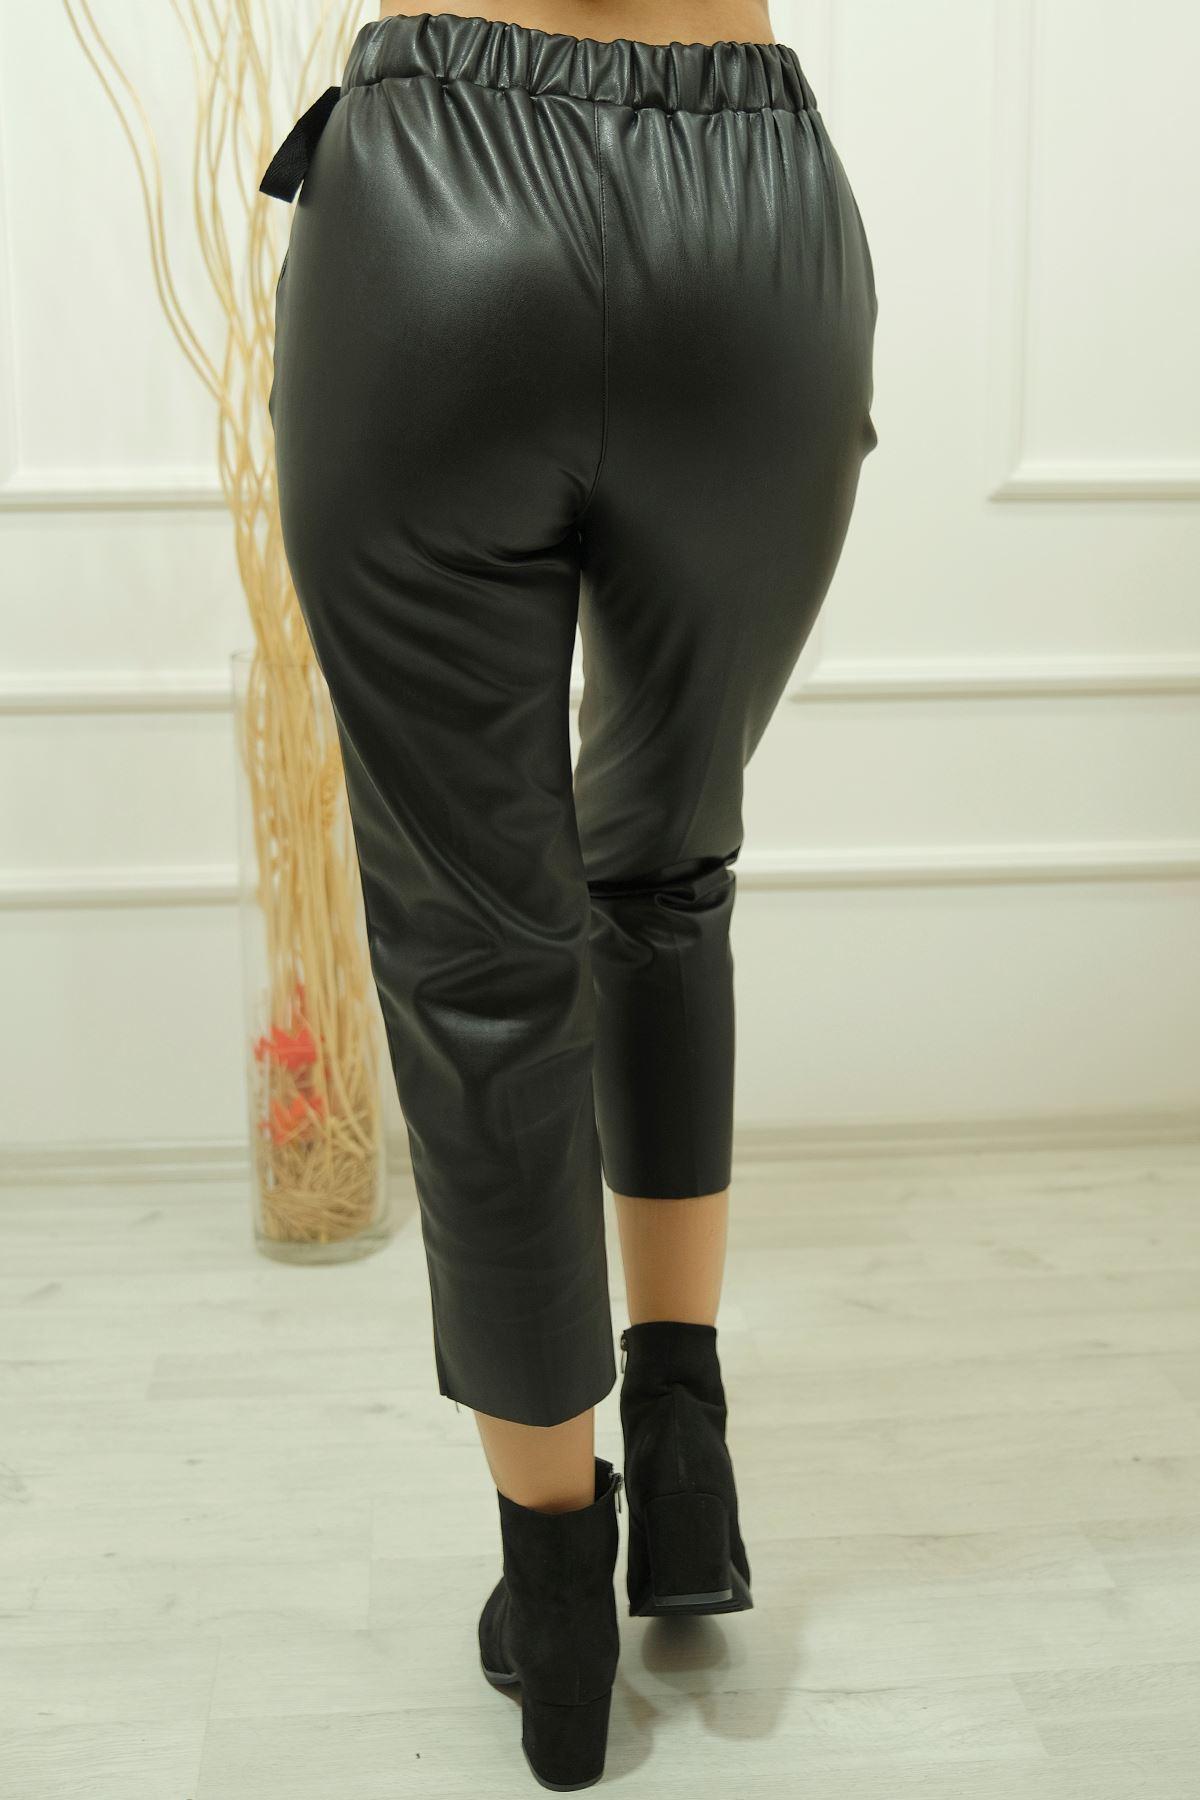 Yandan Bağlamalı Deri Pantolon Siyah - 50233.1314.